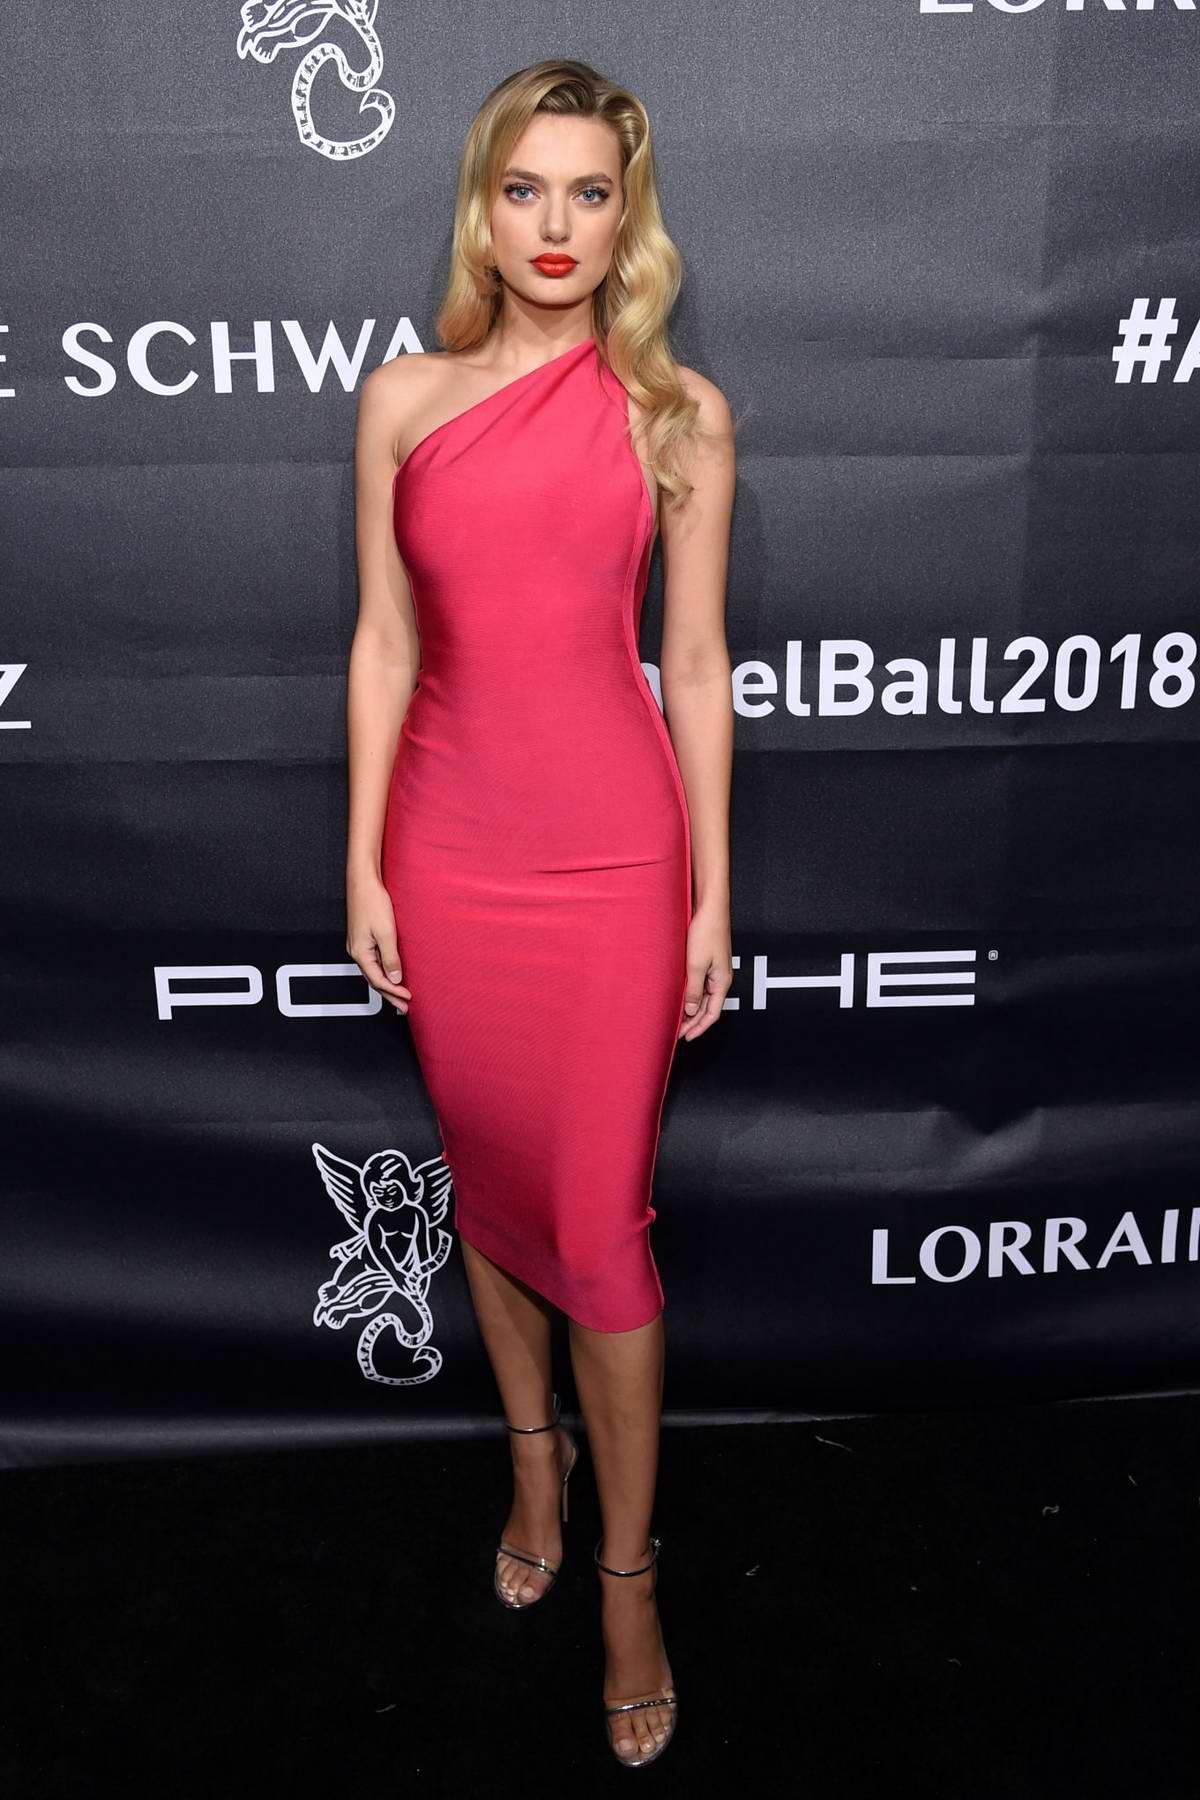 Bregje Heinen attends the Angel Ball 2018 in New York City